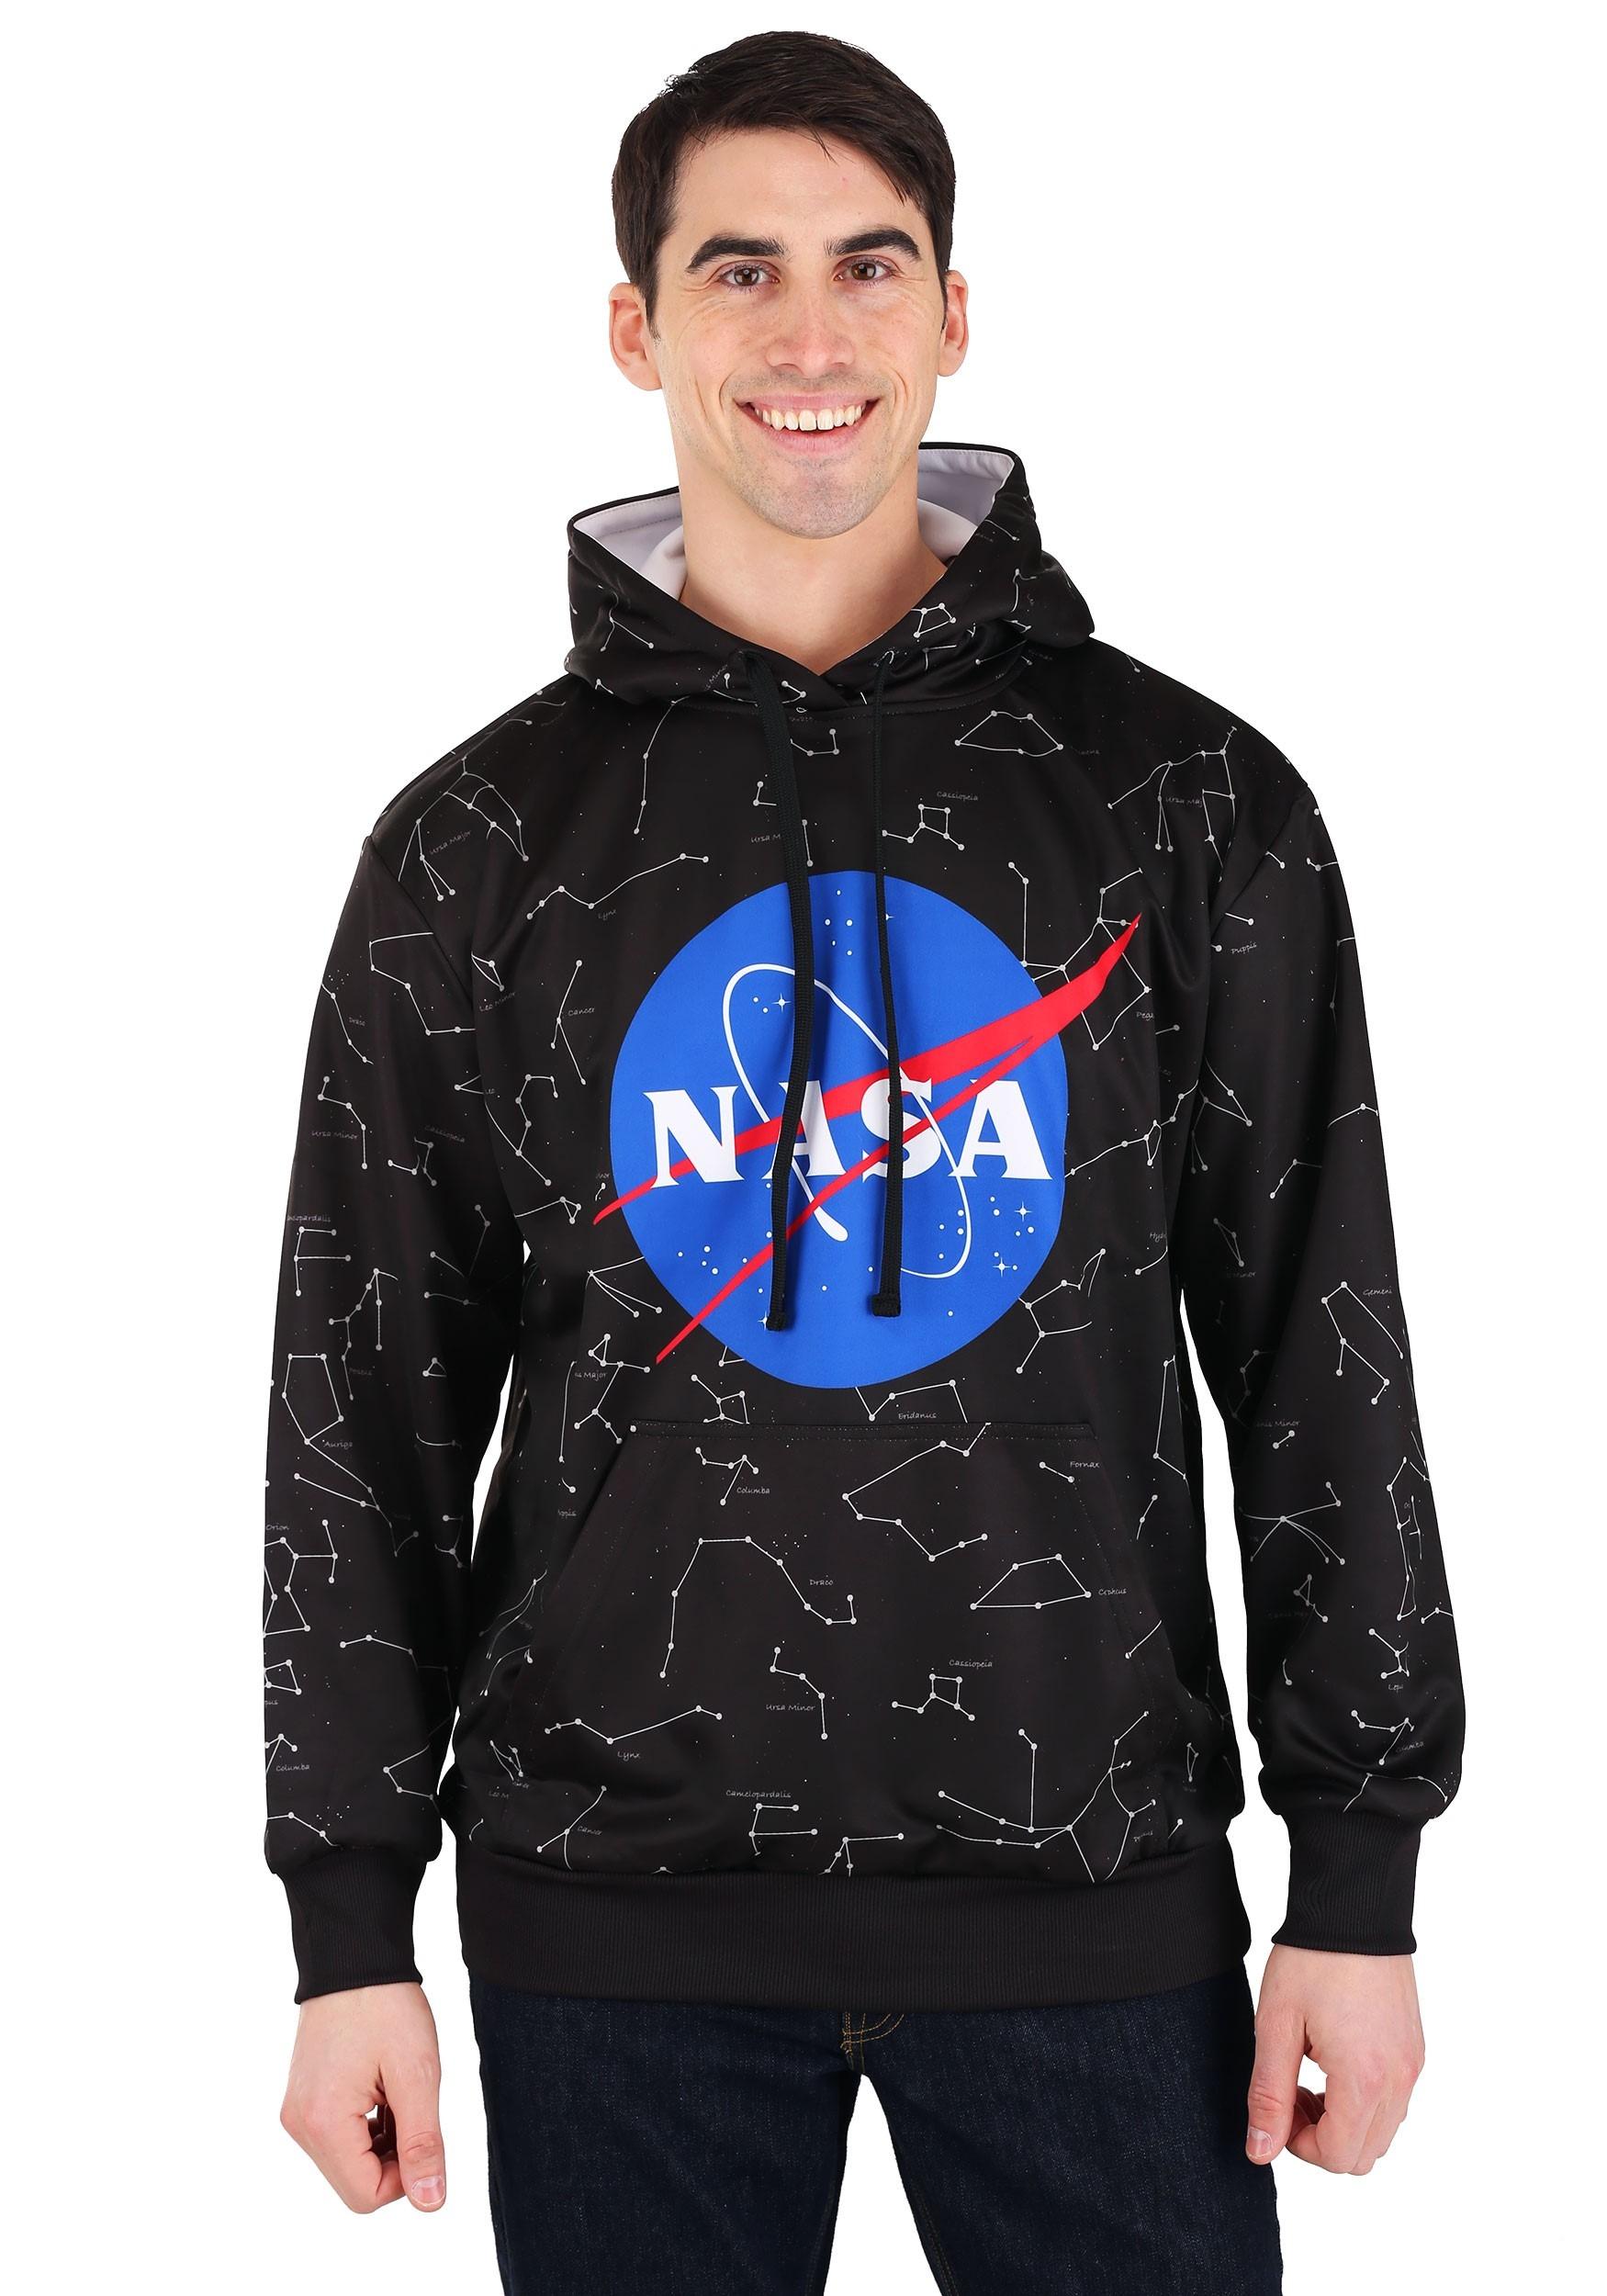 NASA Constellations Men's Hooded Pullover Sweatshirt